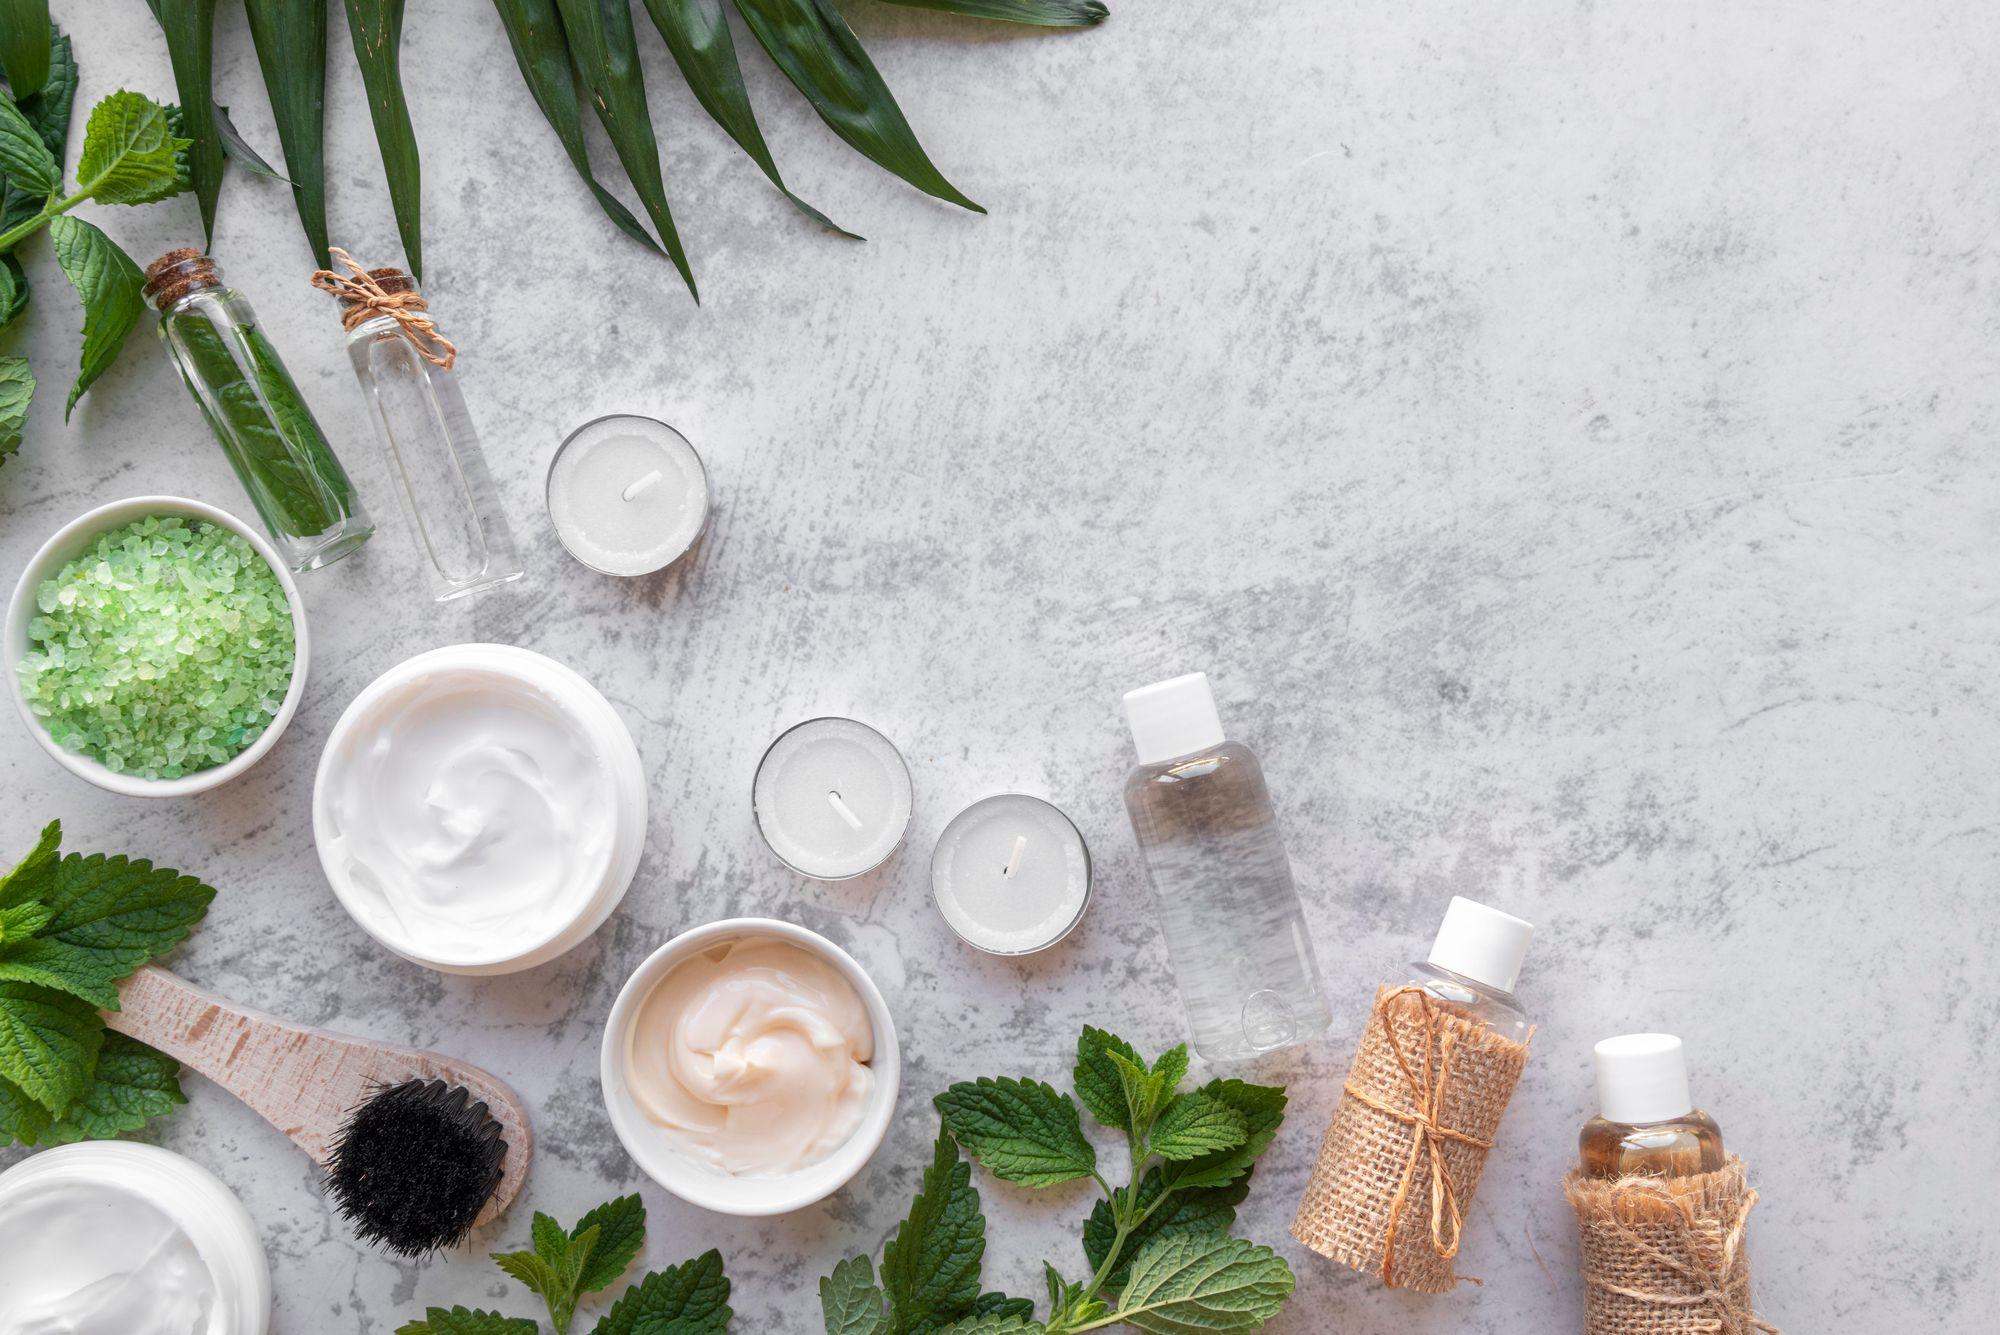 Co sprzedawać w 2021 - kosmetyki naturalne